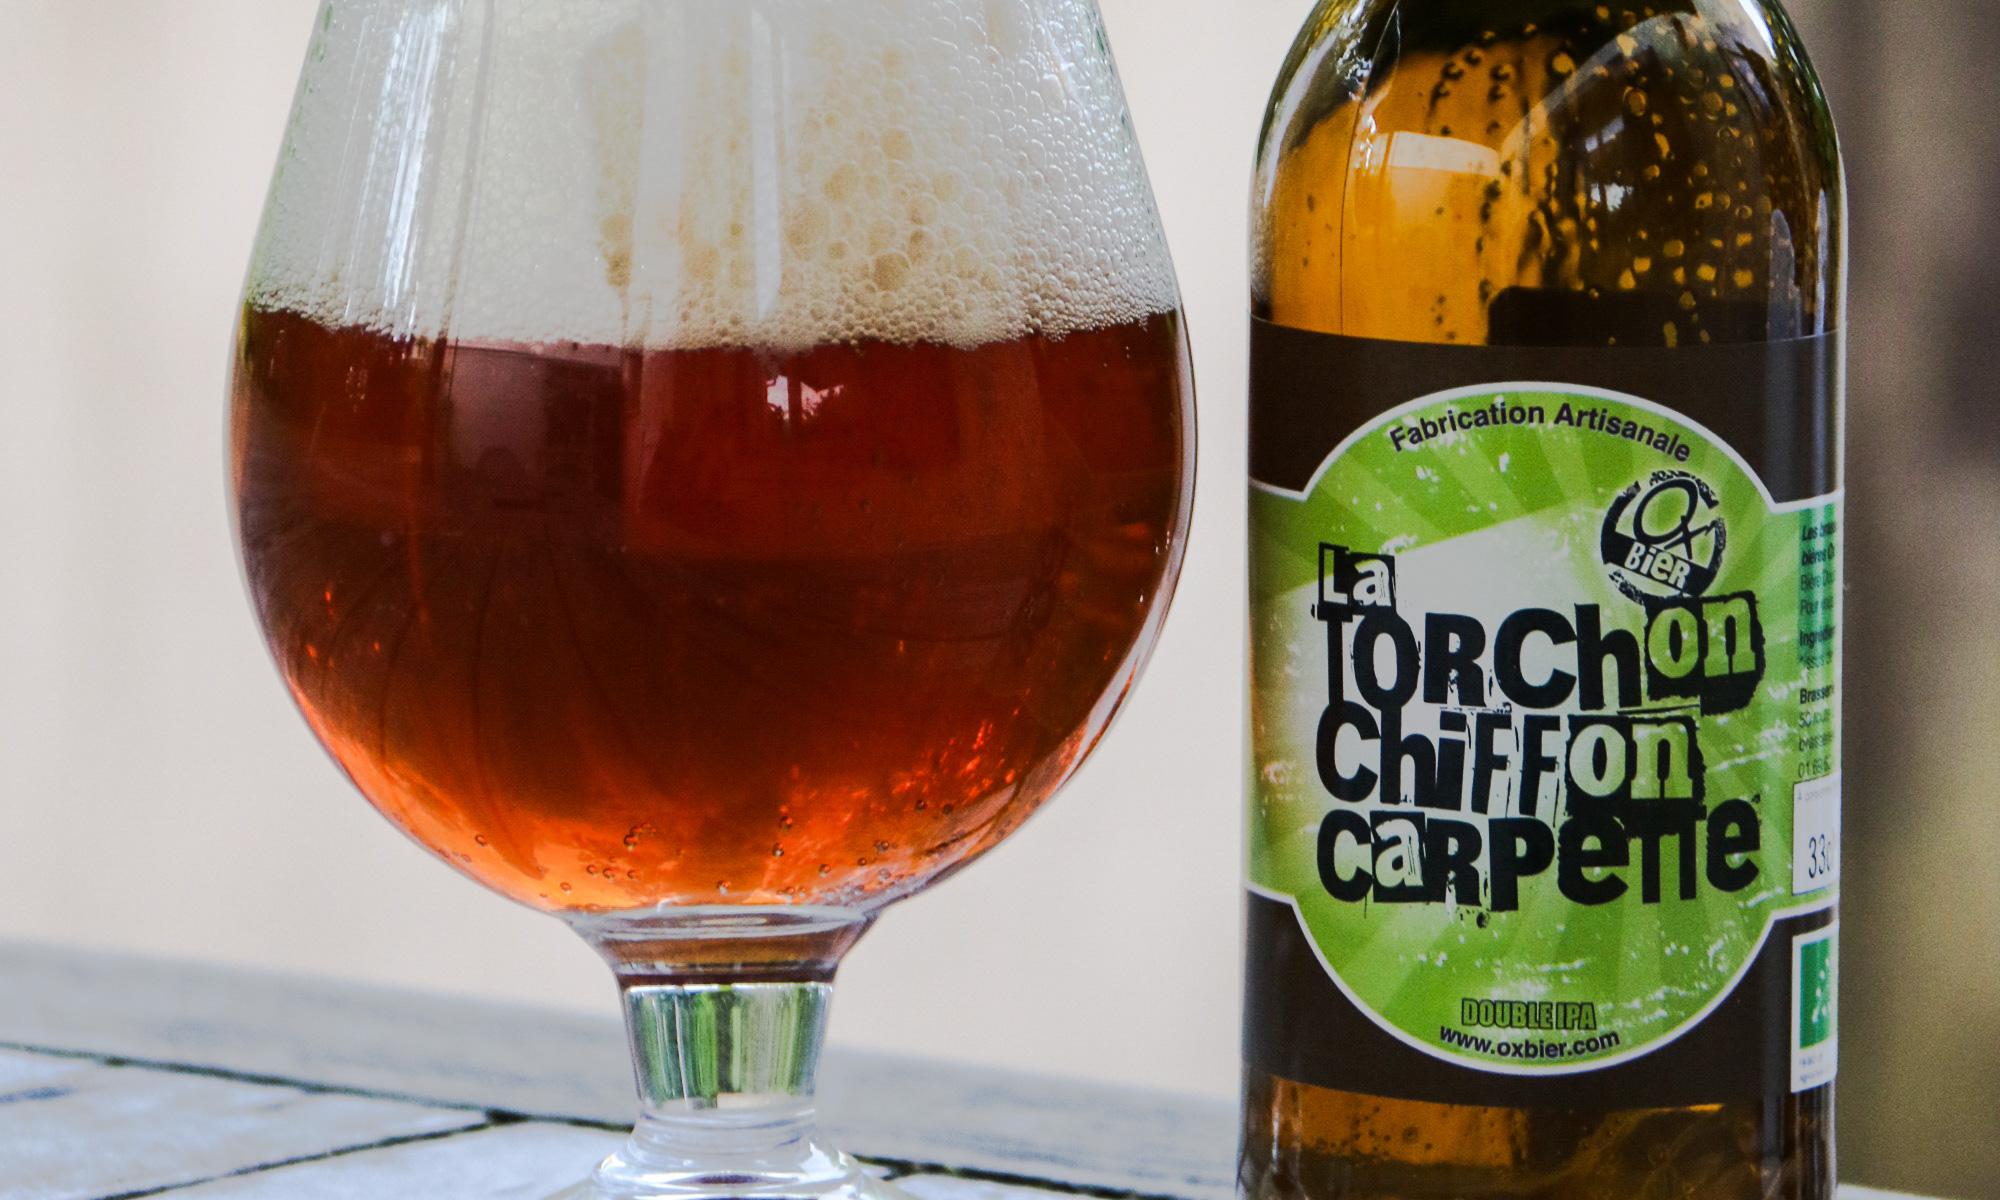 Ox'Bier Torchon chiffon carpette